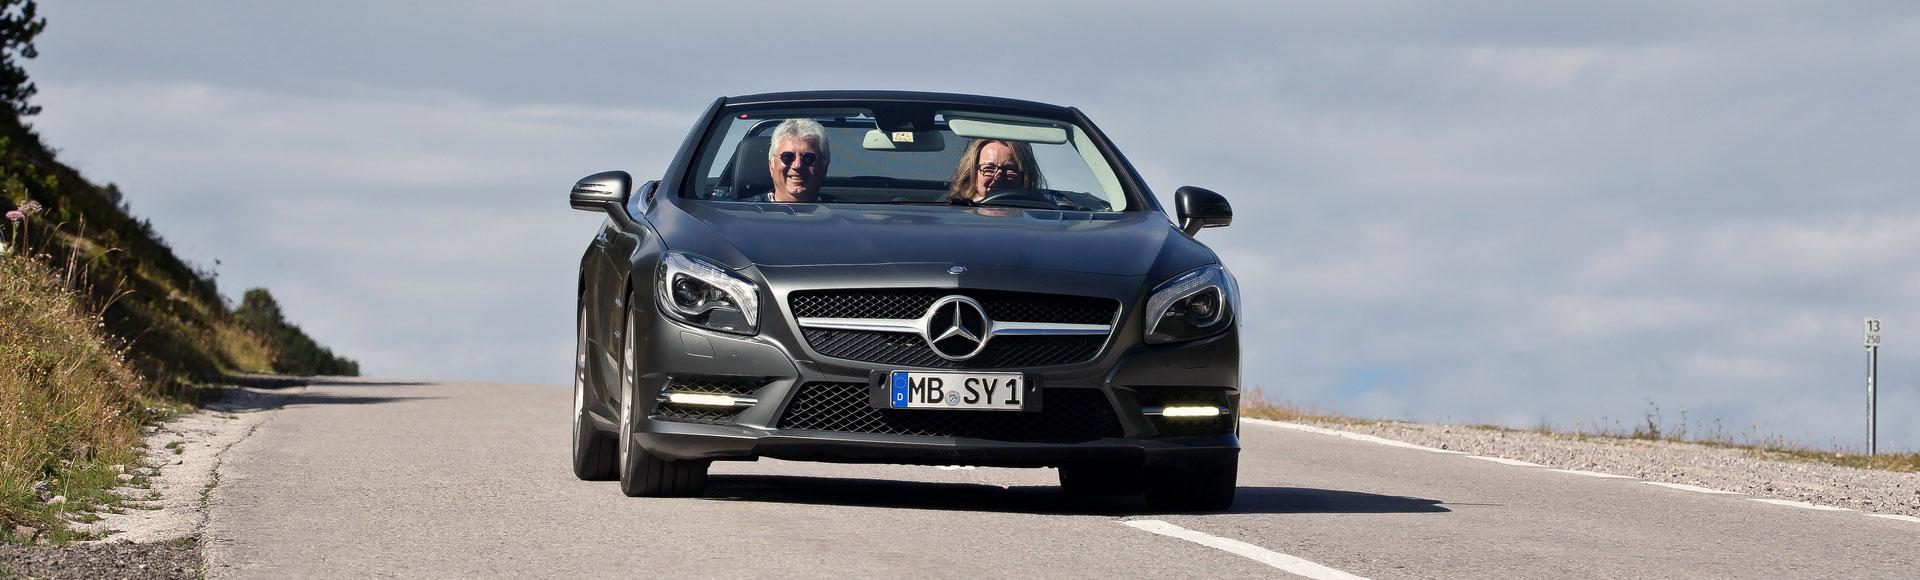 Mercedes Benz SL Cabrio 2012 0472 Sommer